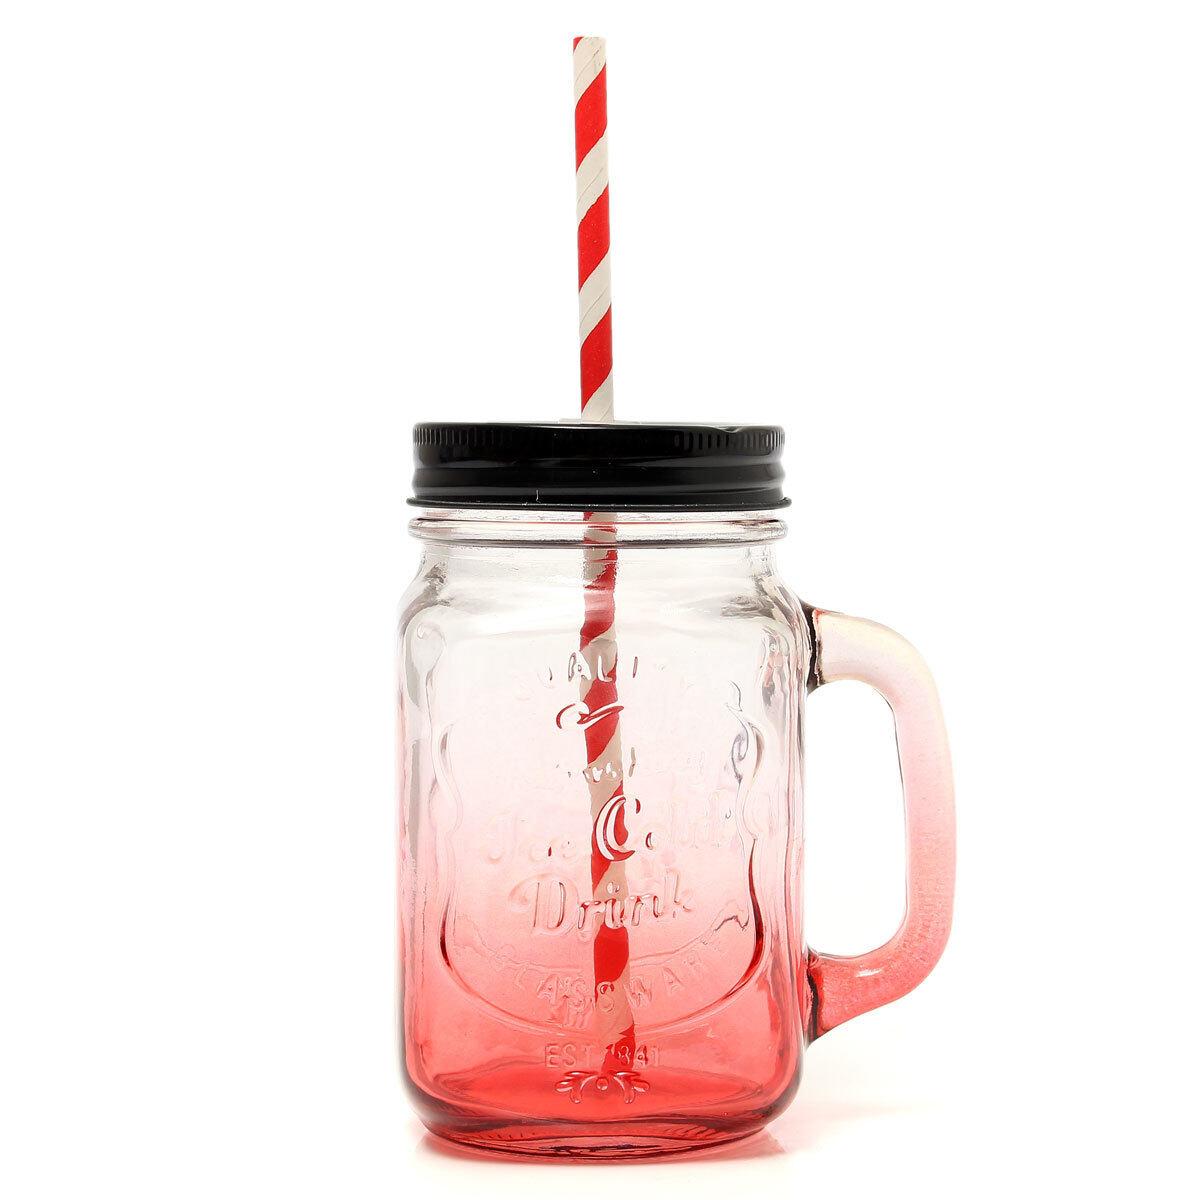 Đánh giá Changing Glass Cup Bar Mason Jam Jar Drinking W/ Handle +Paper Straw 500ML Red - intl ở đâu bán